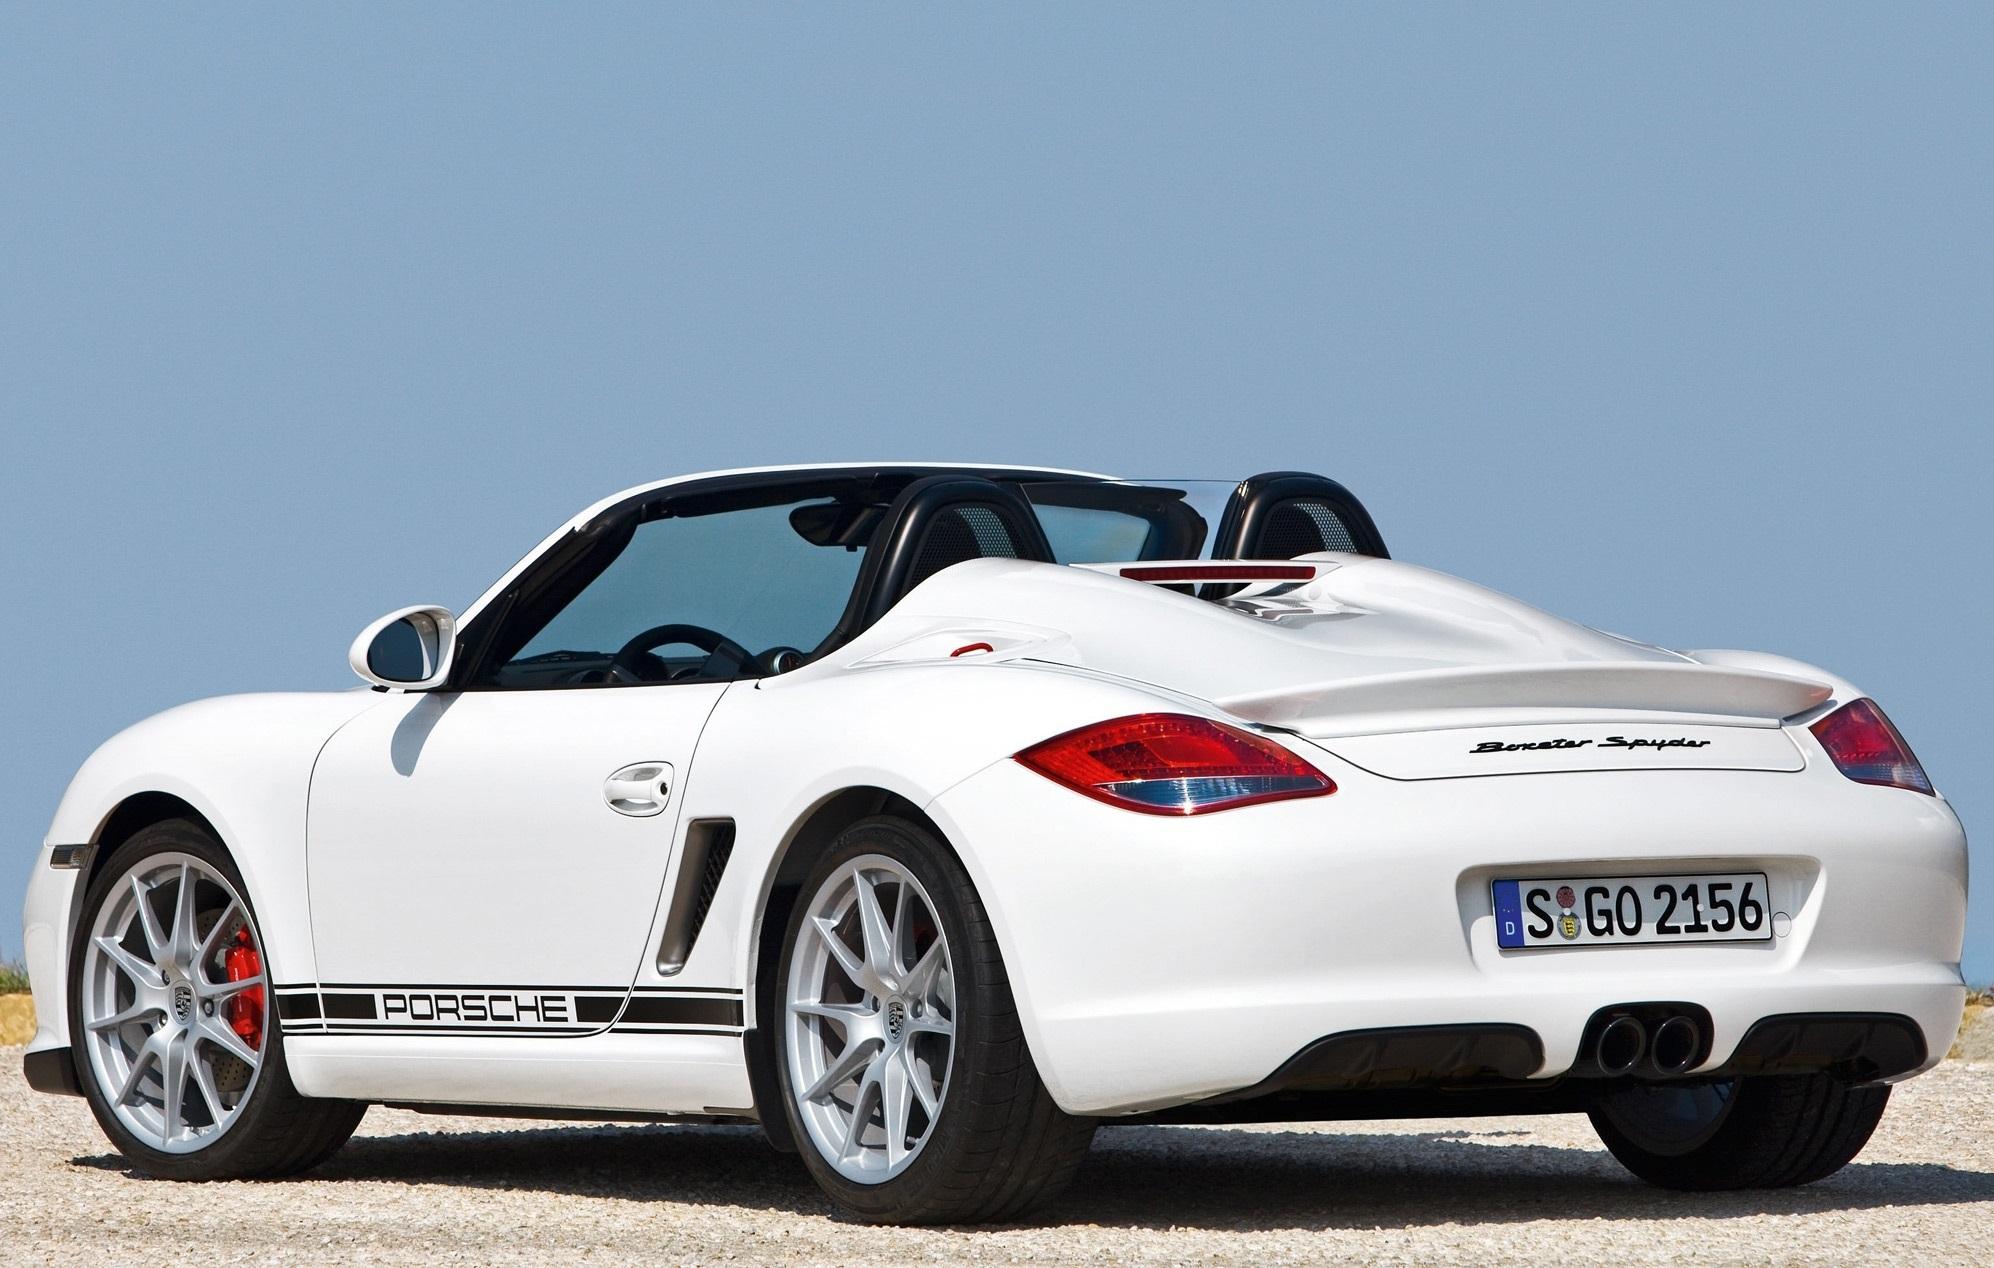 Porsche Boxster Spyder Hd Background